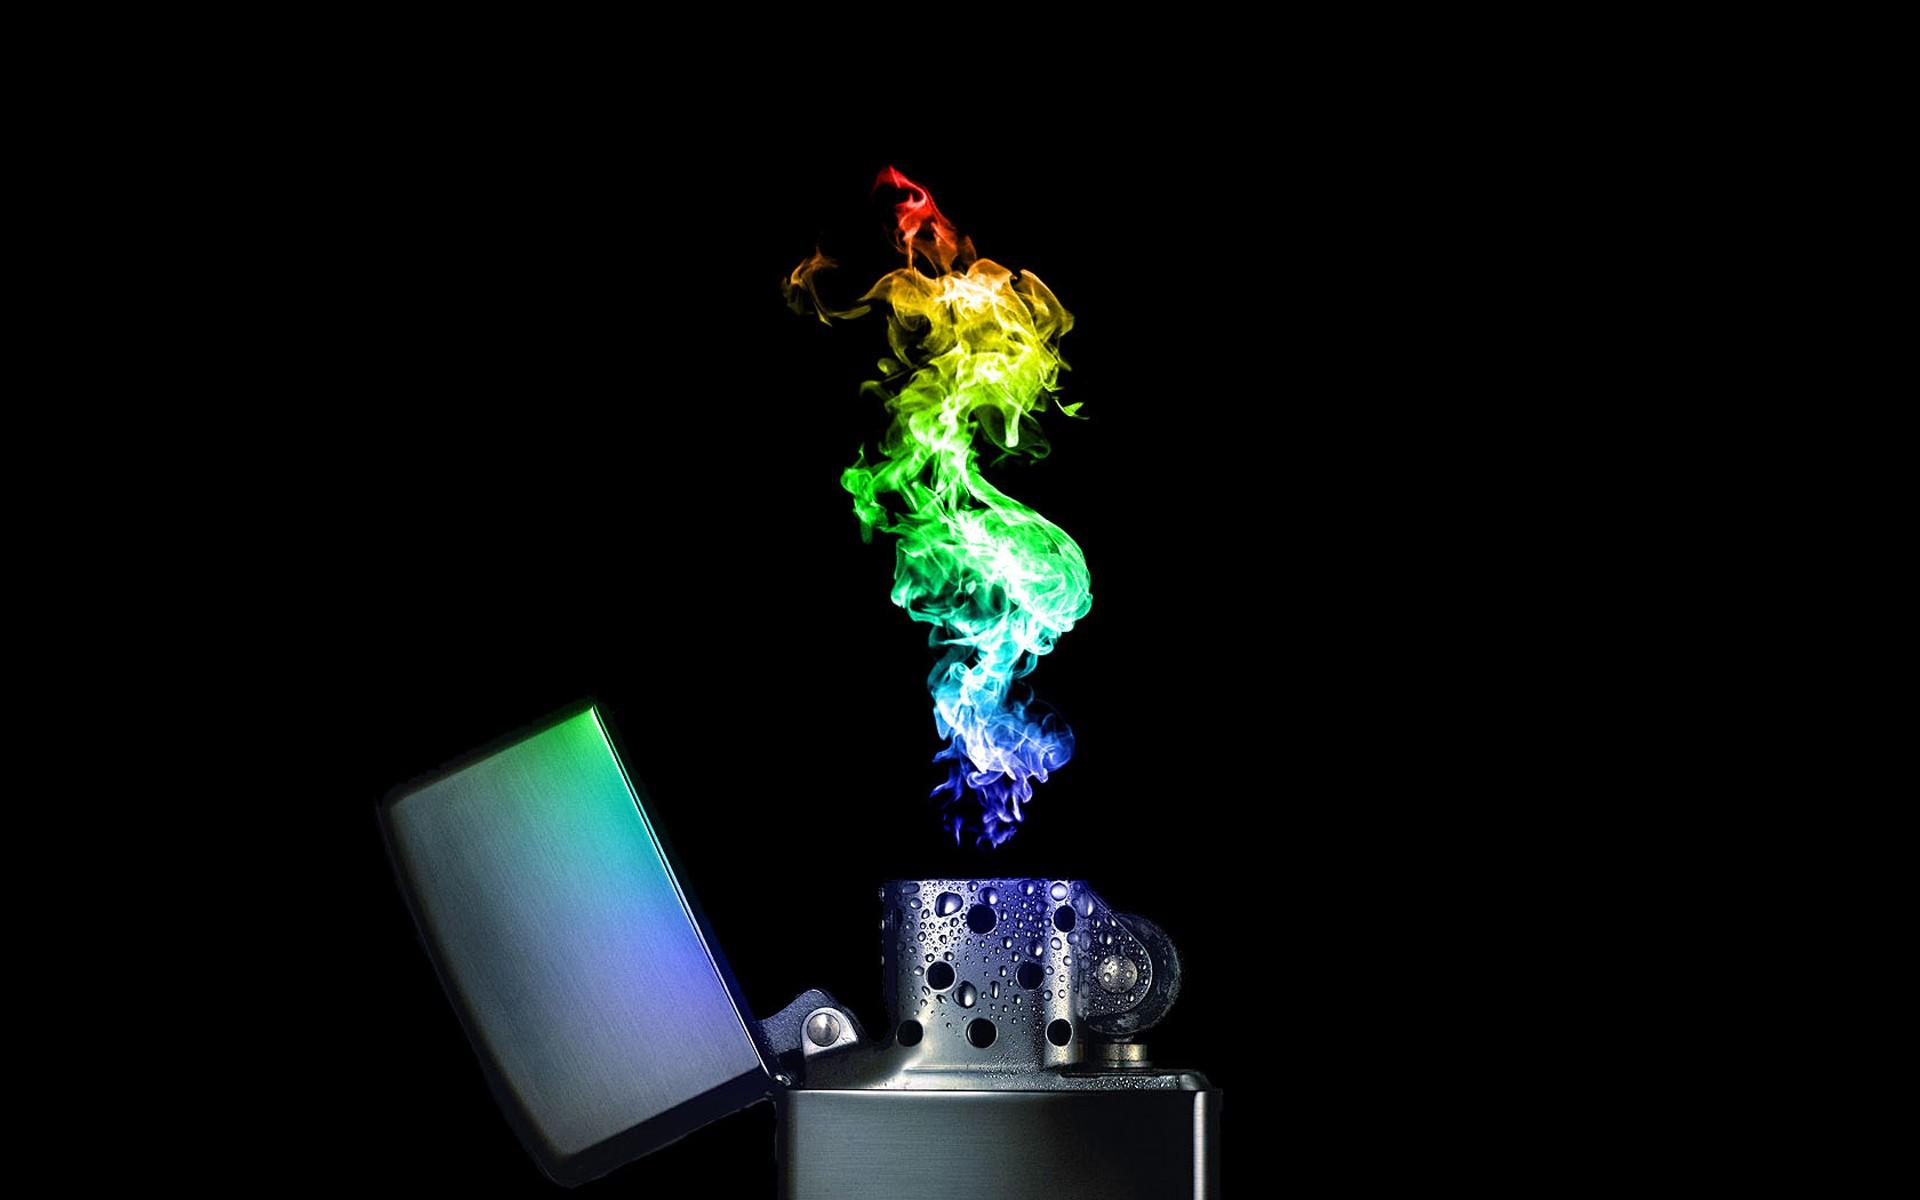 Fire Lighter Light Lighting Flame Darkness Screenshot